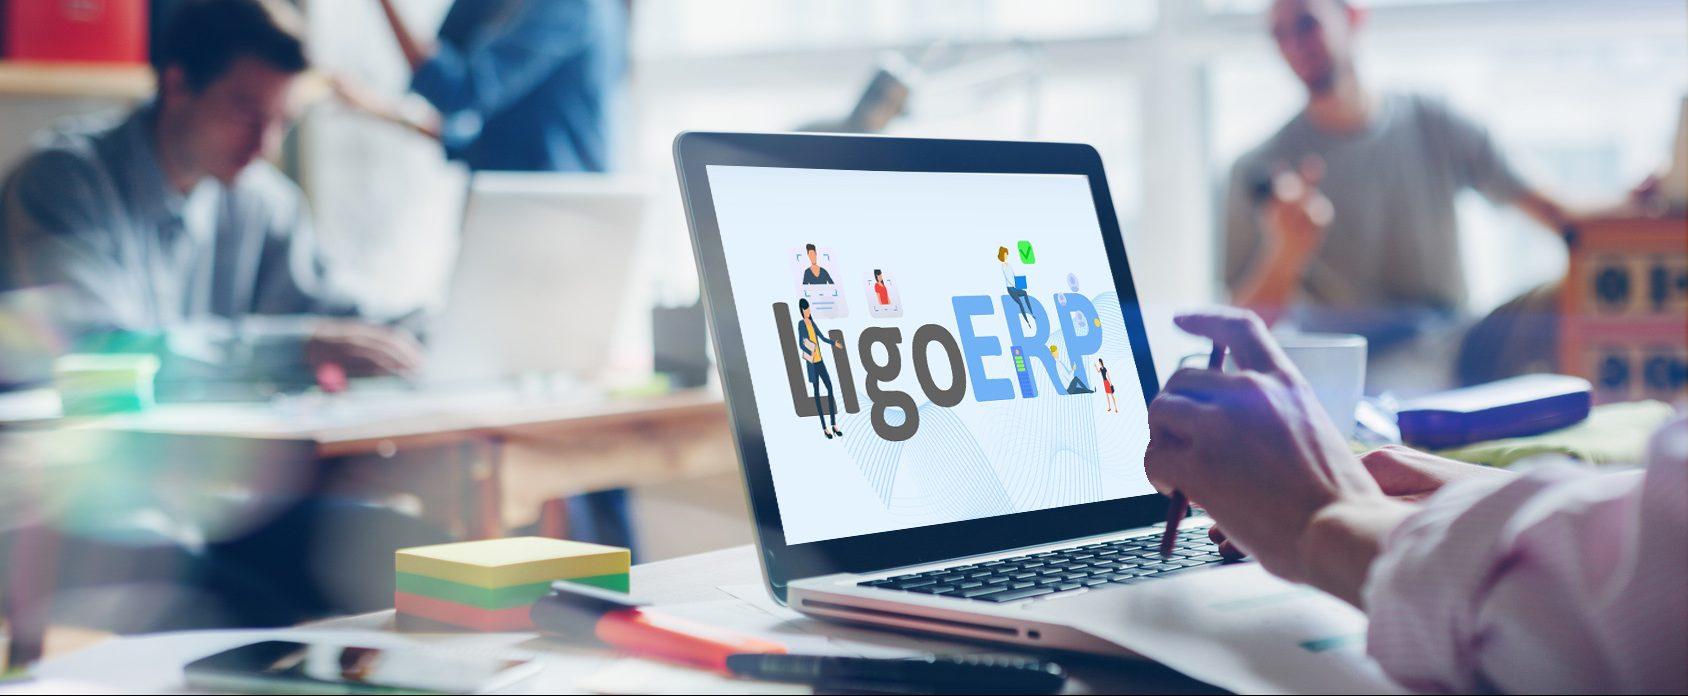 [CafeF] LigoERP – Hệ thống ERP số hóa 99% hoạt động cho Doanh nghiệp vừa và nhỏ trên một nền tảng duy nhất.